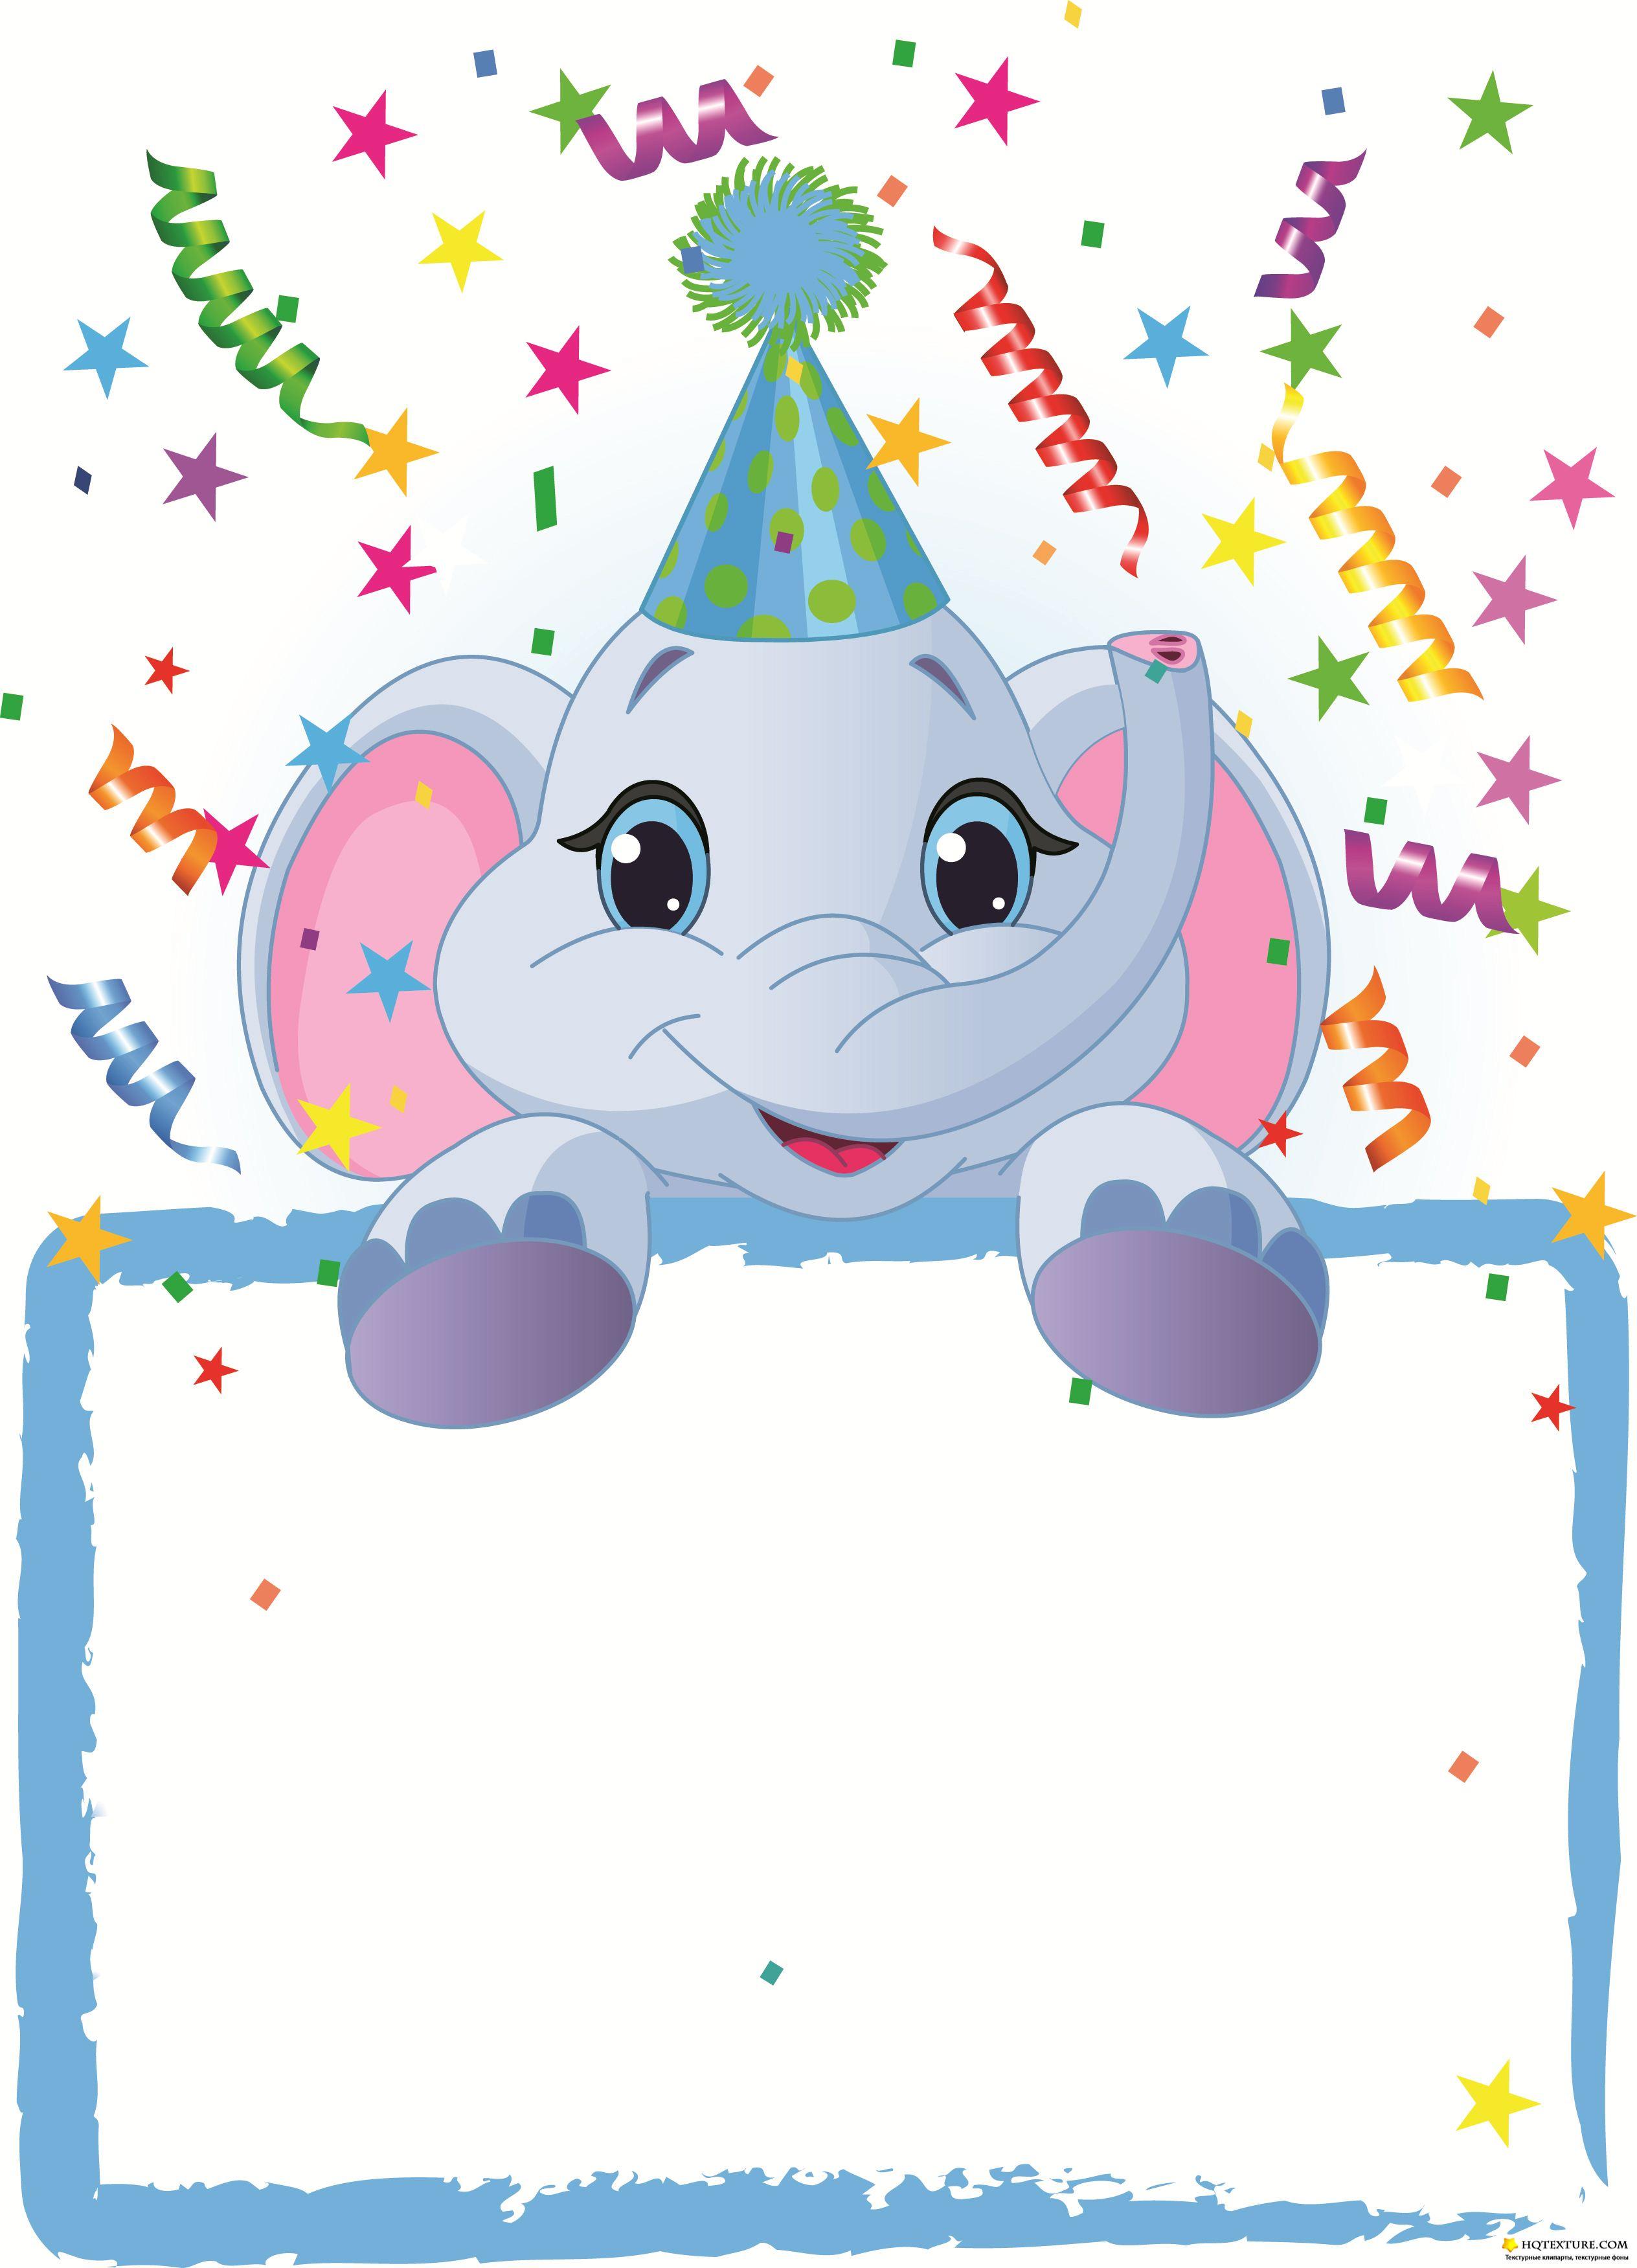 Шаблон для поздравления мальчика с днем рождения